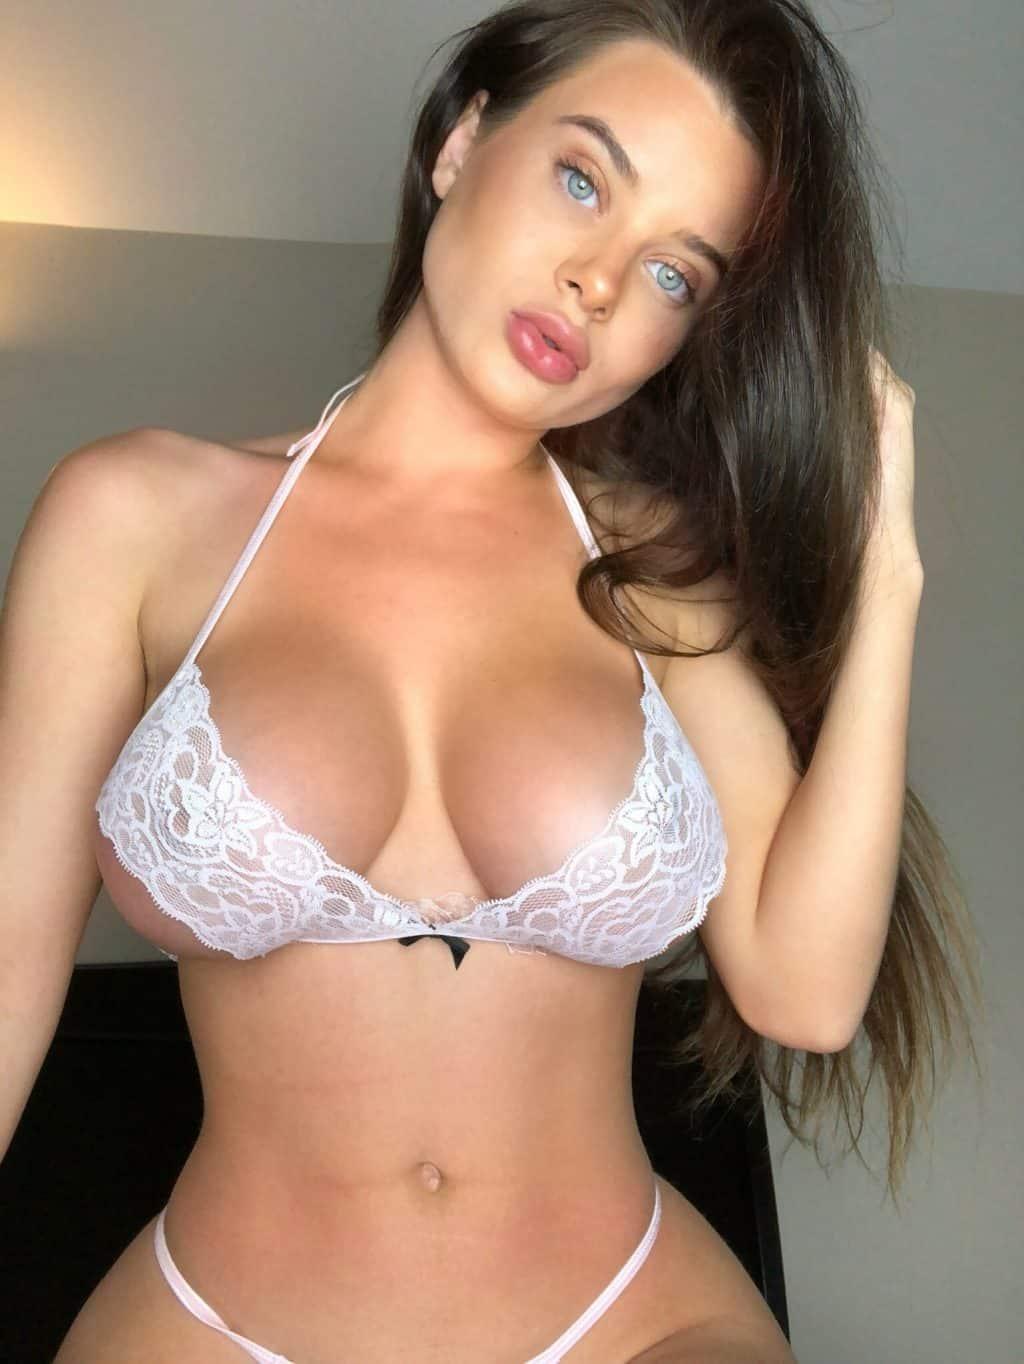 Fotos porno de Lana Rhoades culona